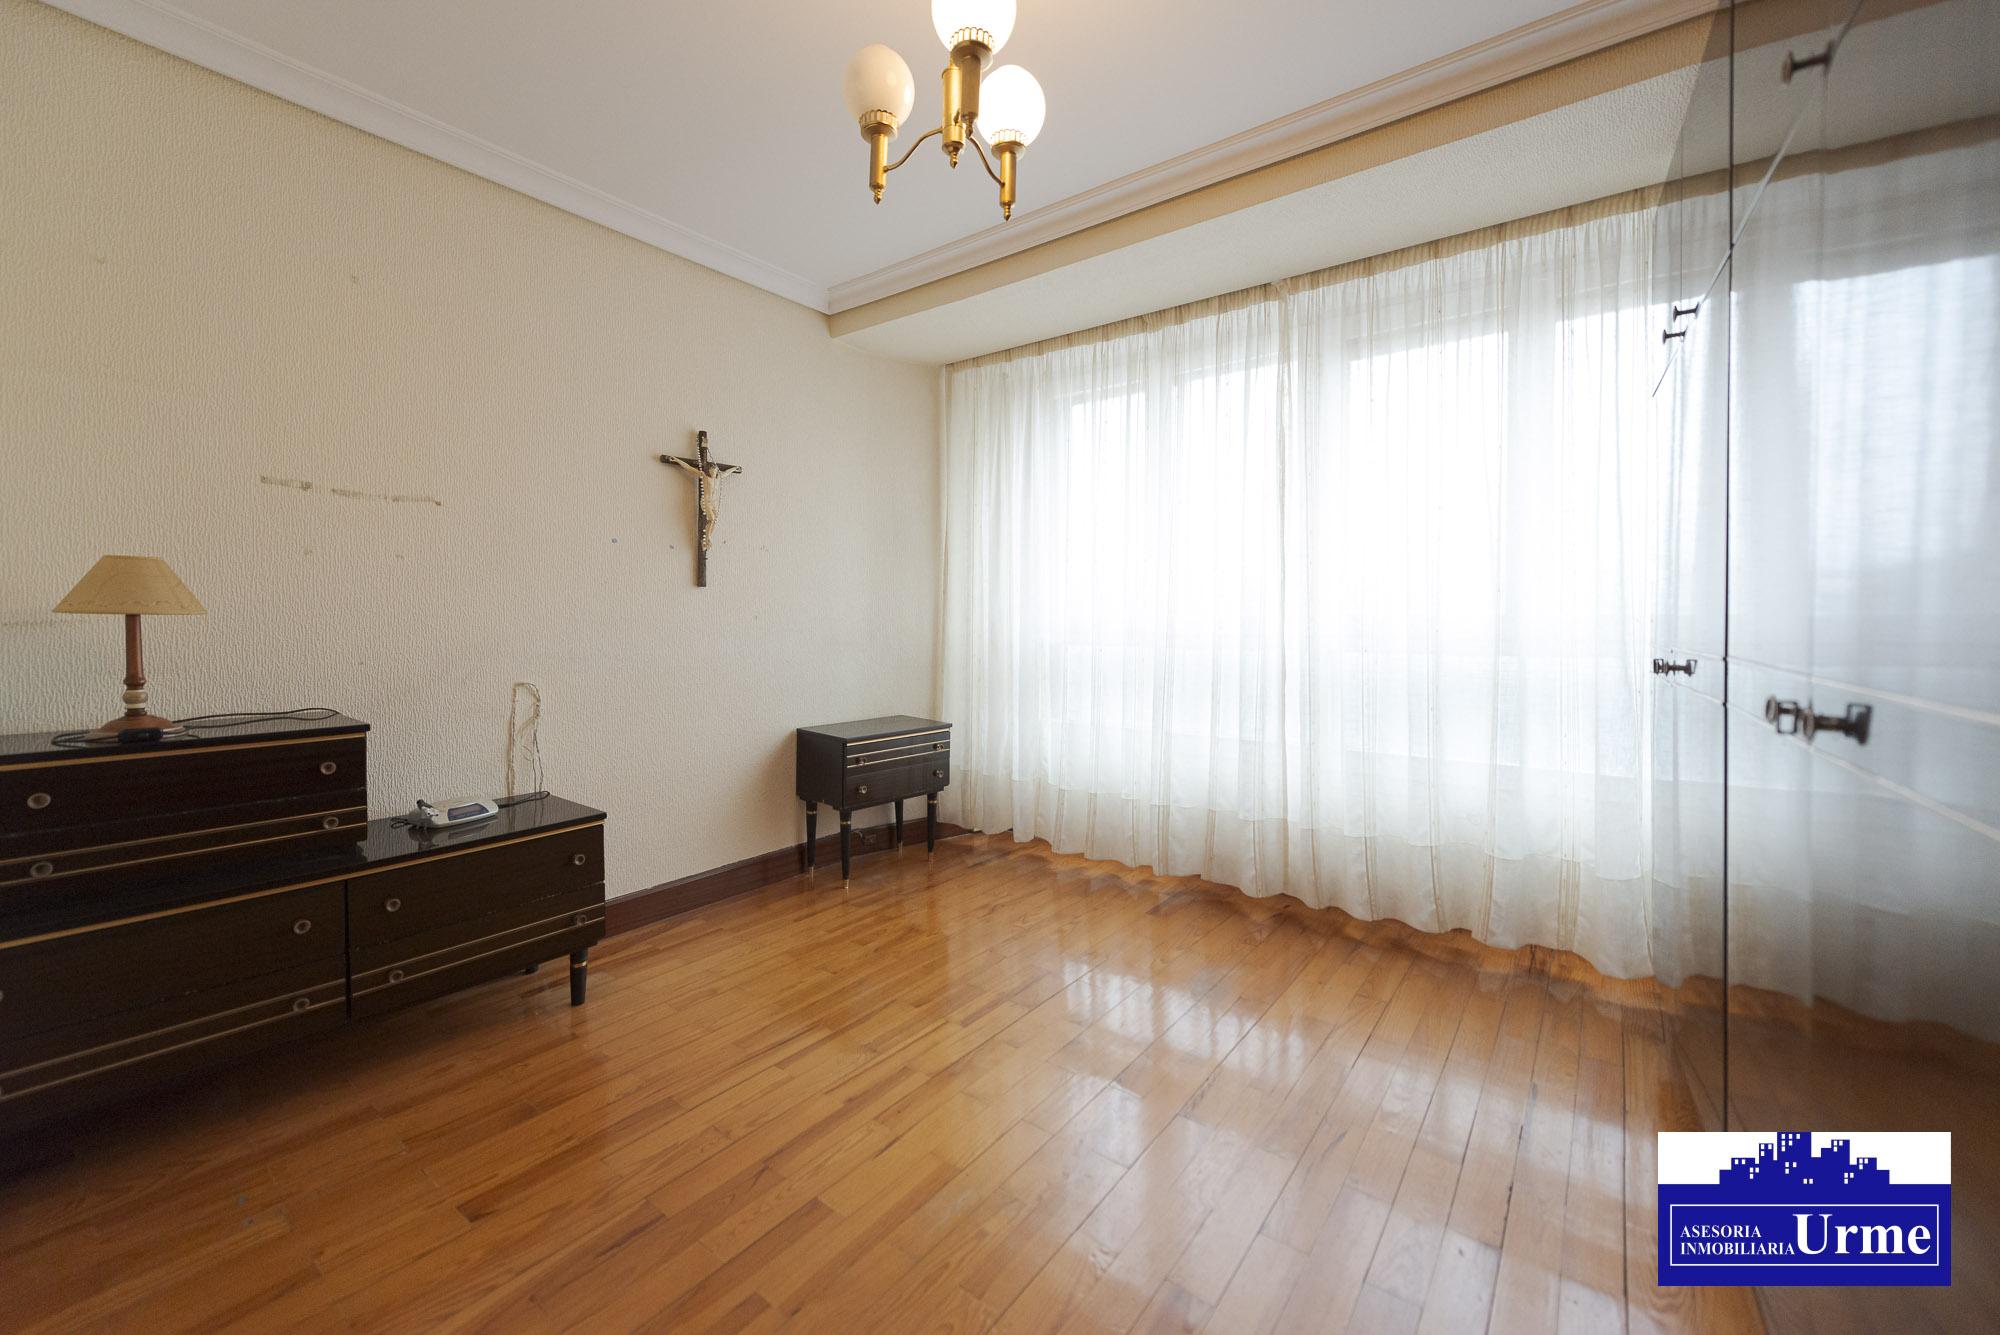 En San Miguel con terraza y parking!! 90m2, 3 habitaciones, salon,cocina, ascensor,calefaccion.Informate!!